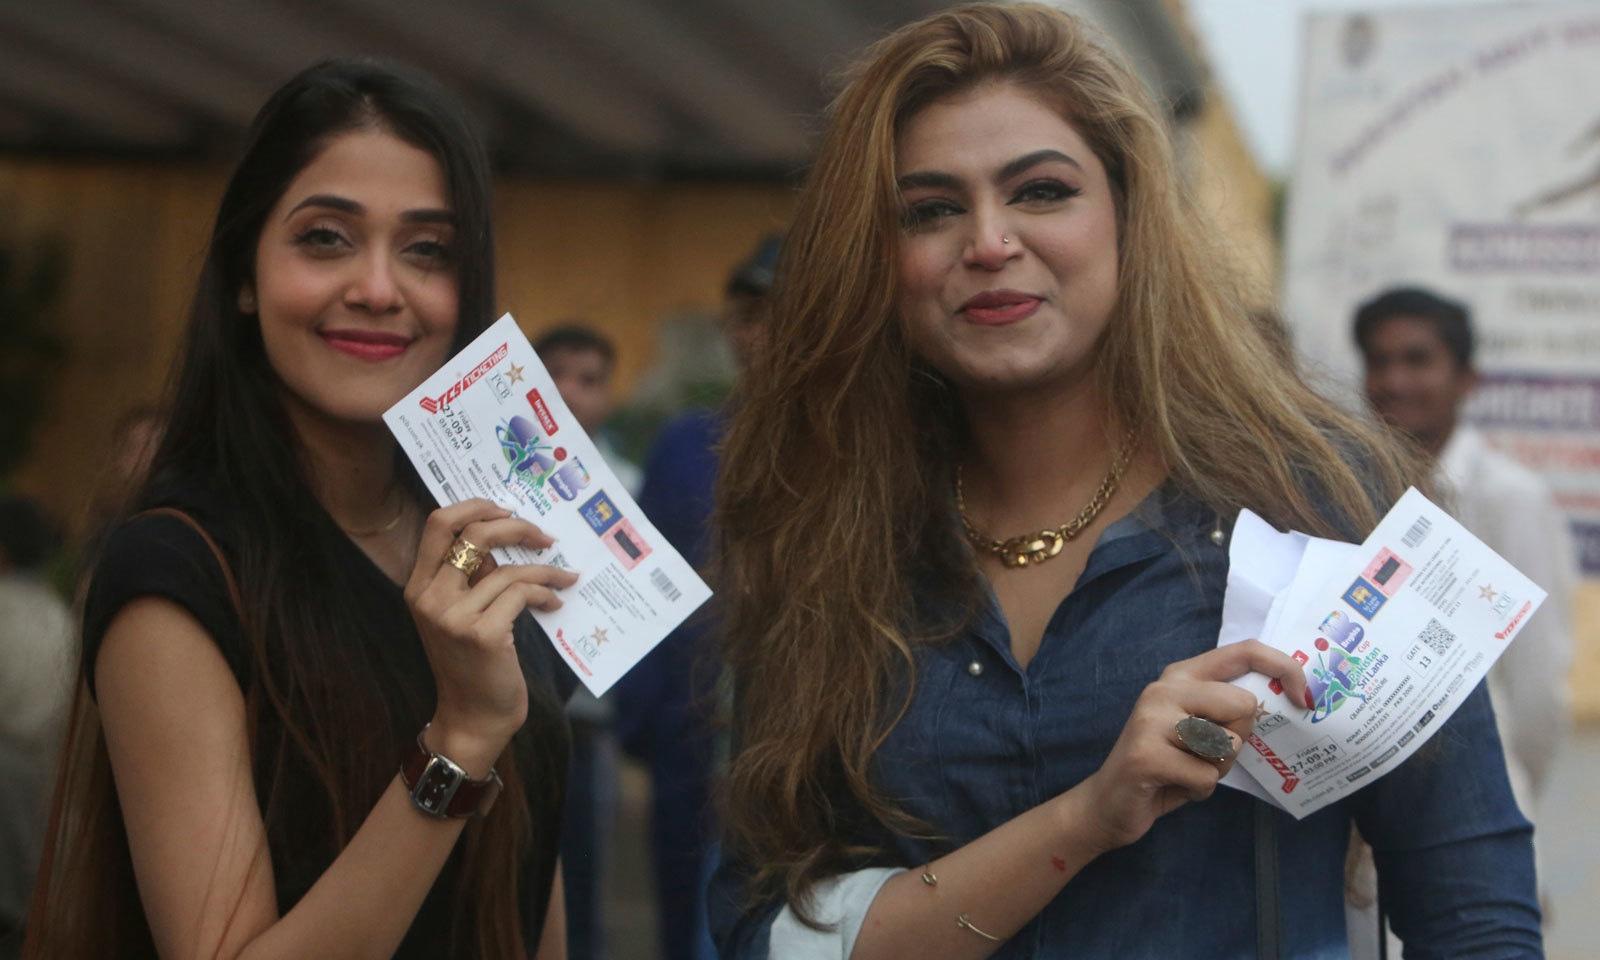 میچ دیکھنے لیے آئی خواتین شائقین کرکٹ کا اپنے ٹکٹ کے ہمراہ ایک انداز— فوٹو: اے پی